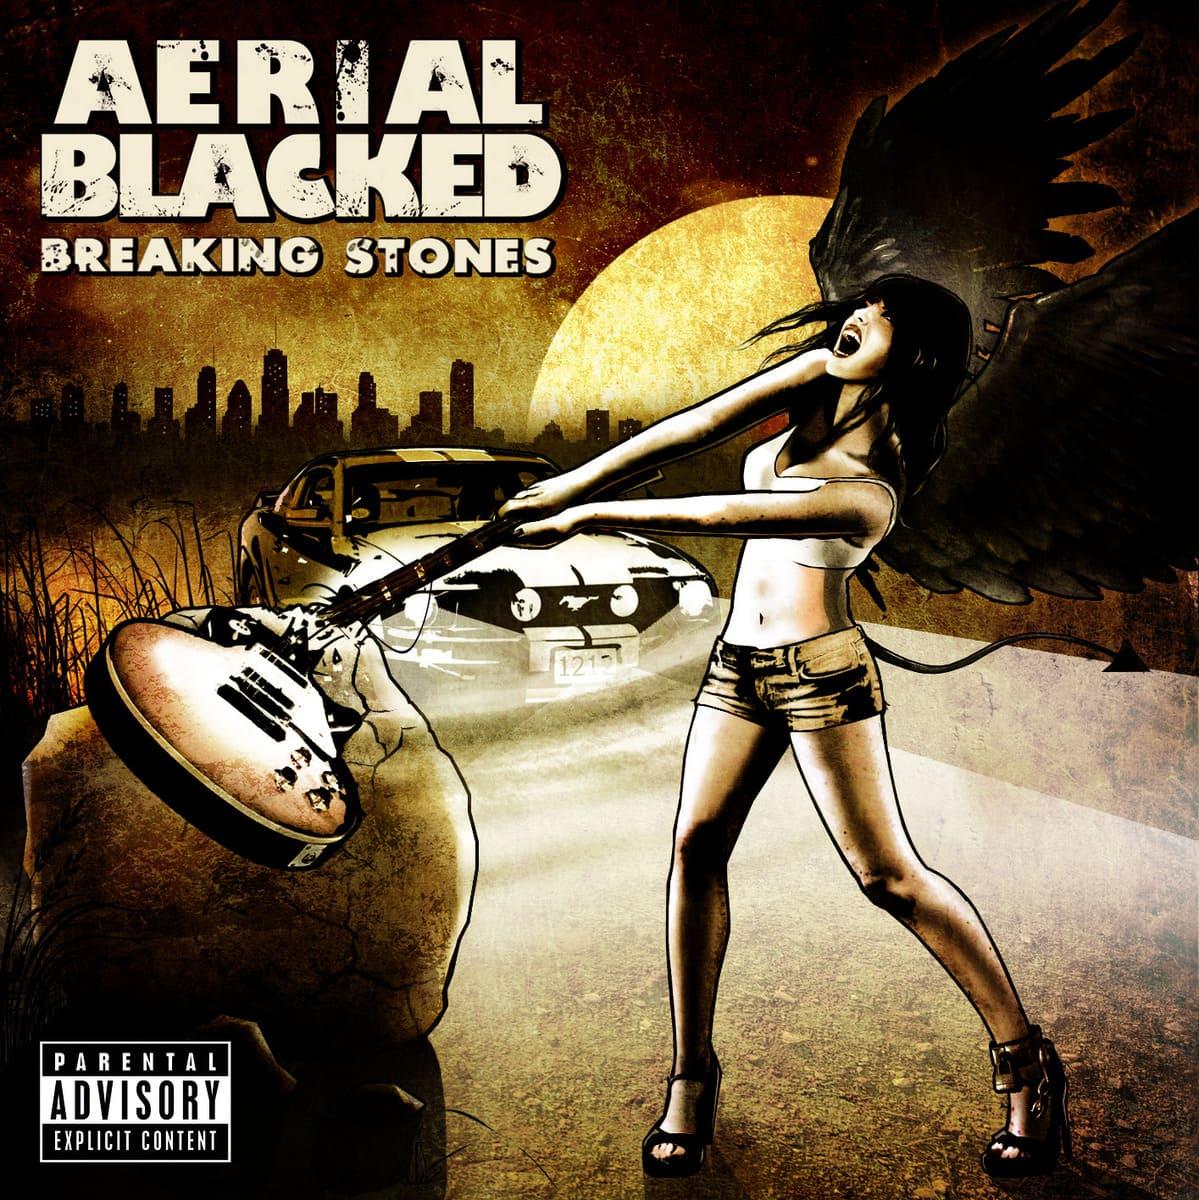 aerialblacked04